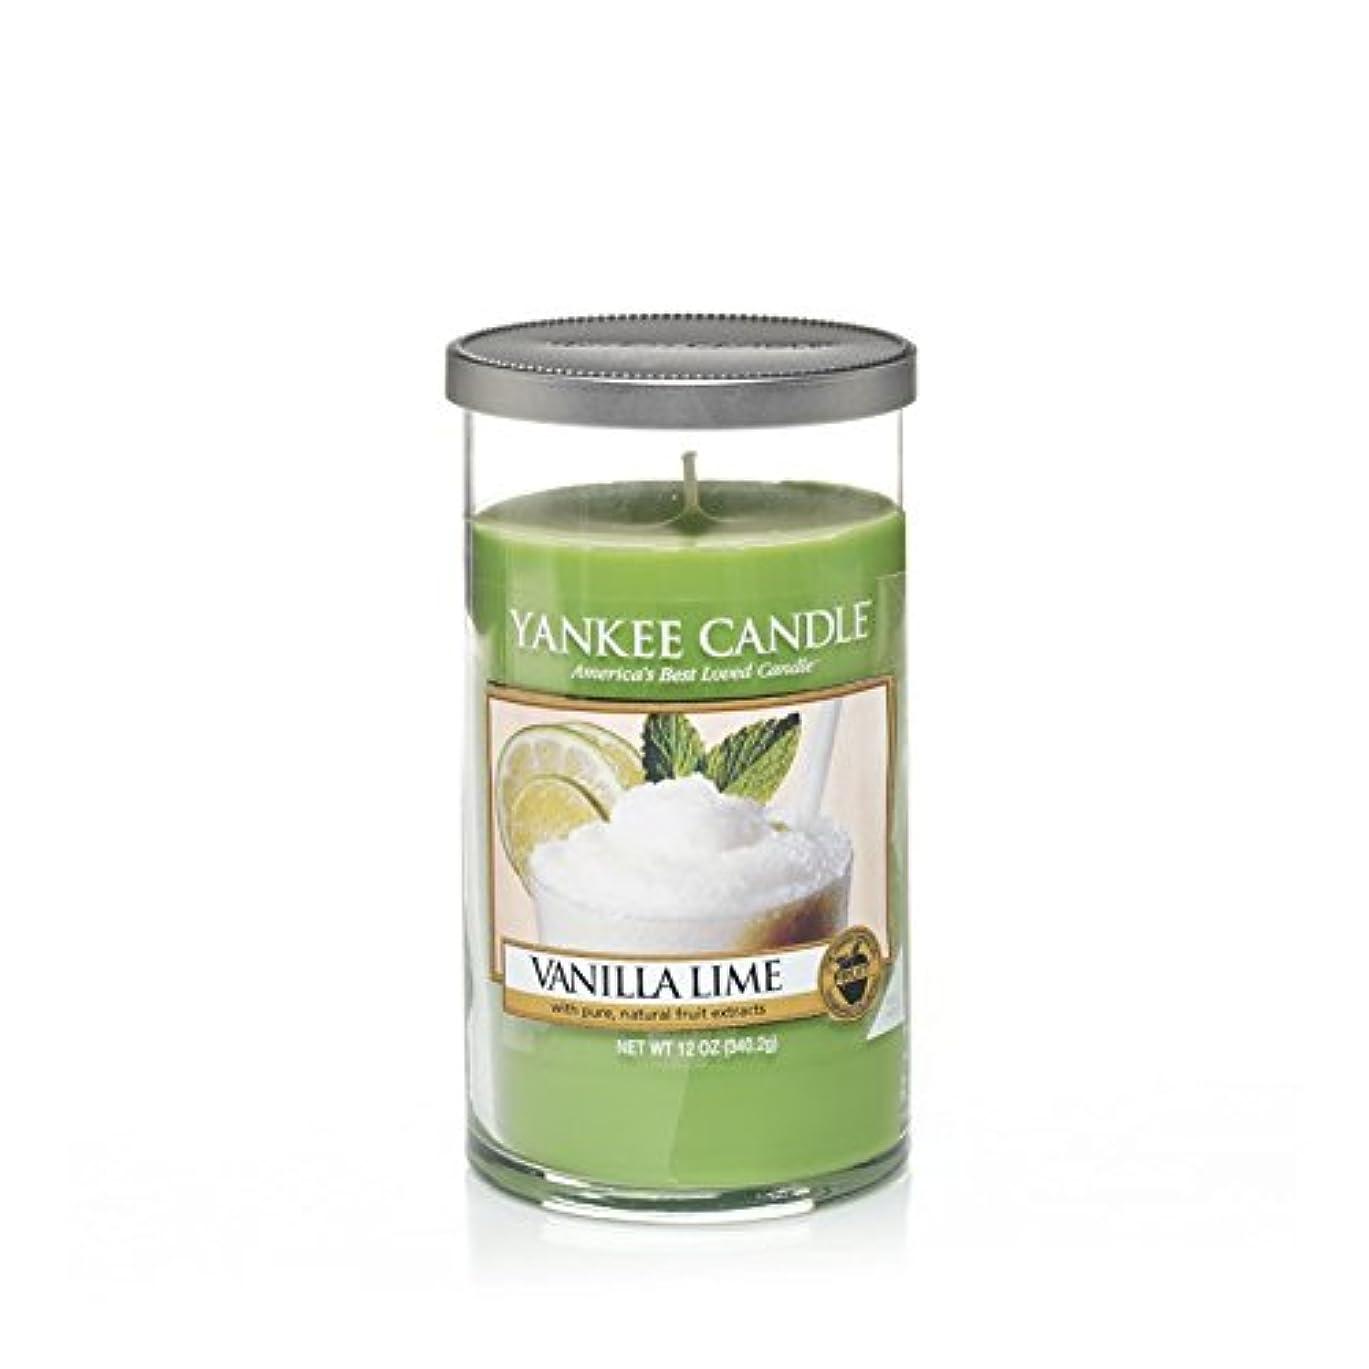 燃やす小さな構成するYankee Candles Medium Pillar Candle - Vanilla Lime (Pack of 6) - ヤンキーキャンドルメディアピラーキャンドル - バニラライム (x6) [並行輸入品]